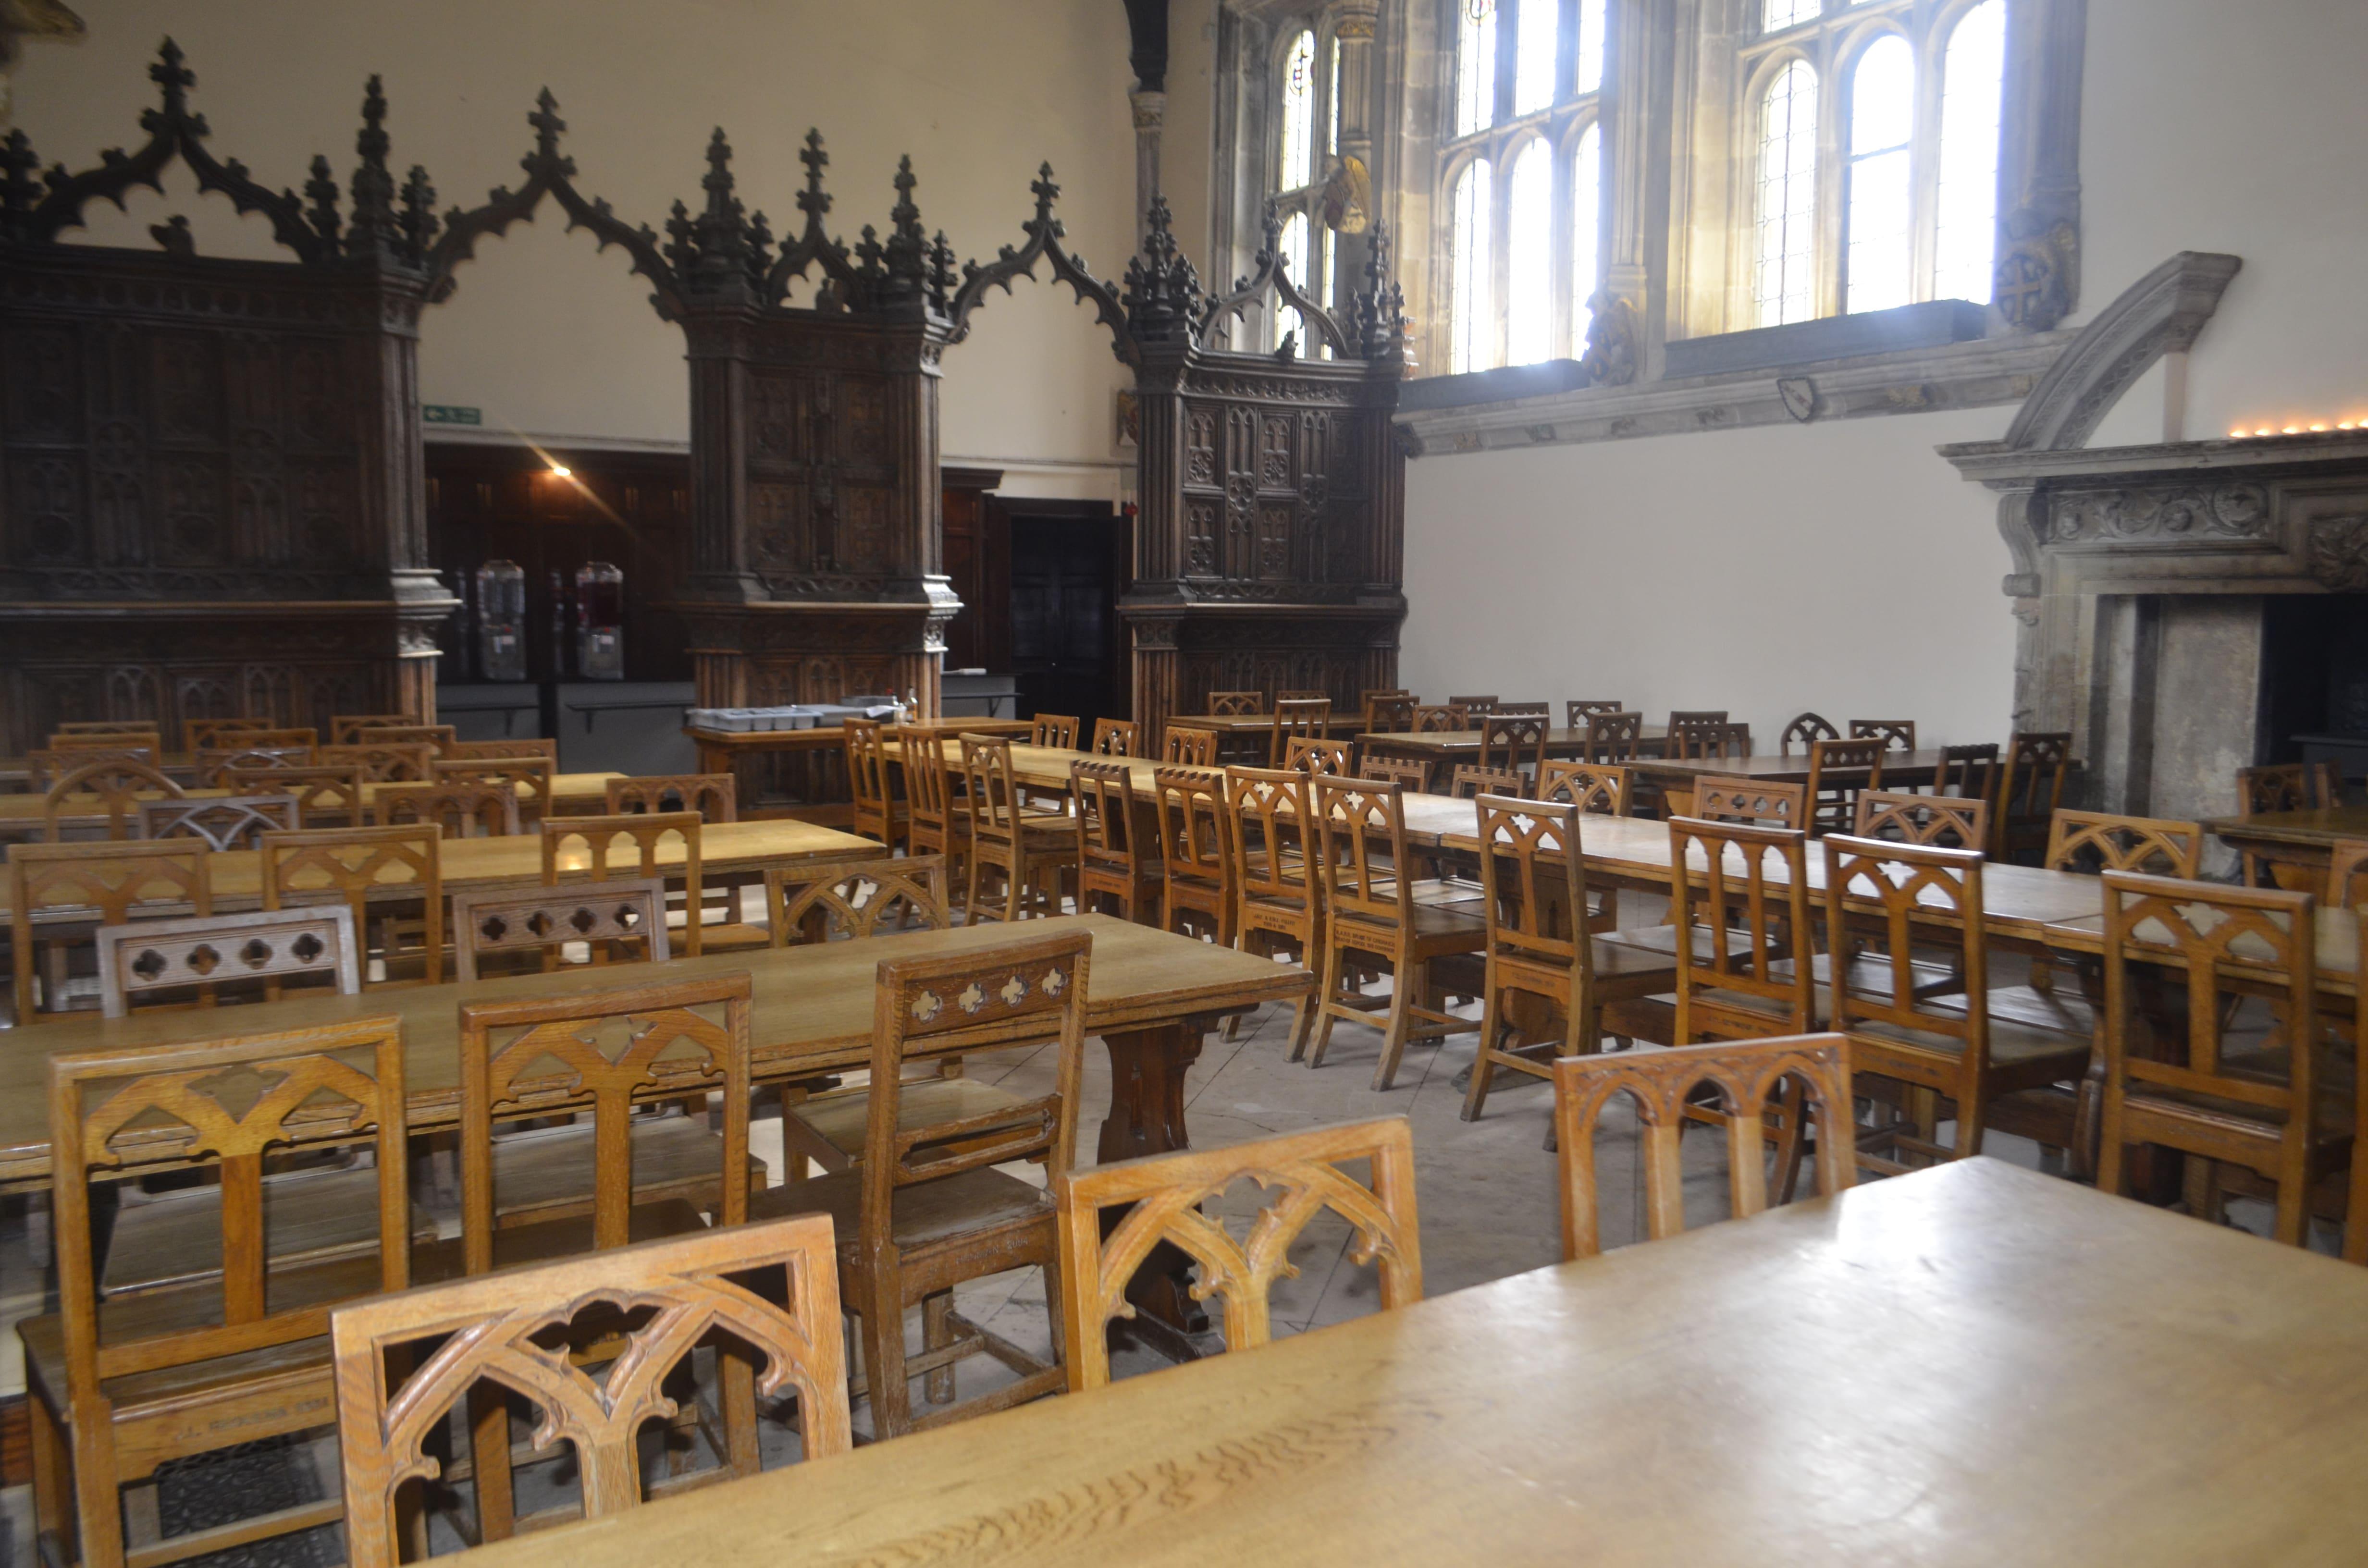 школьная столовая для поклонников Гарри Поттера